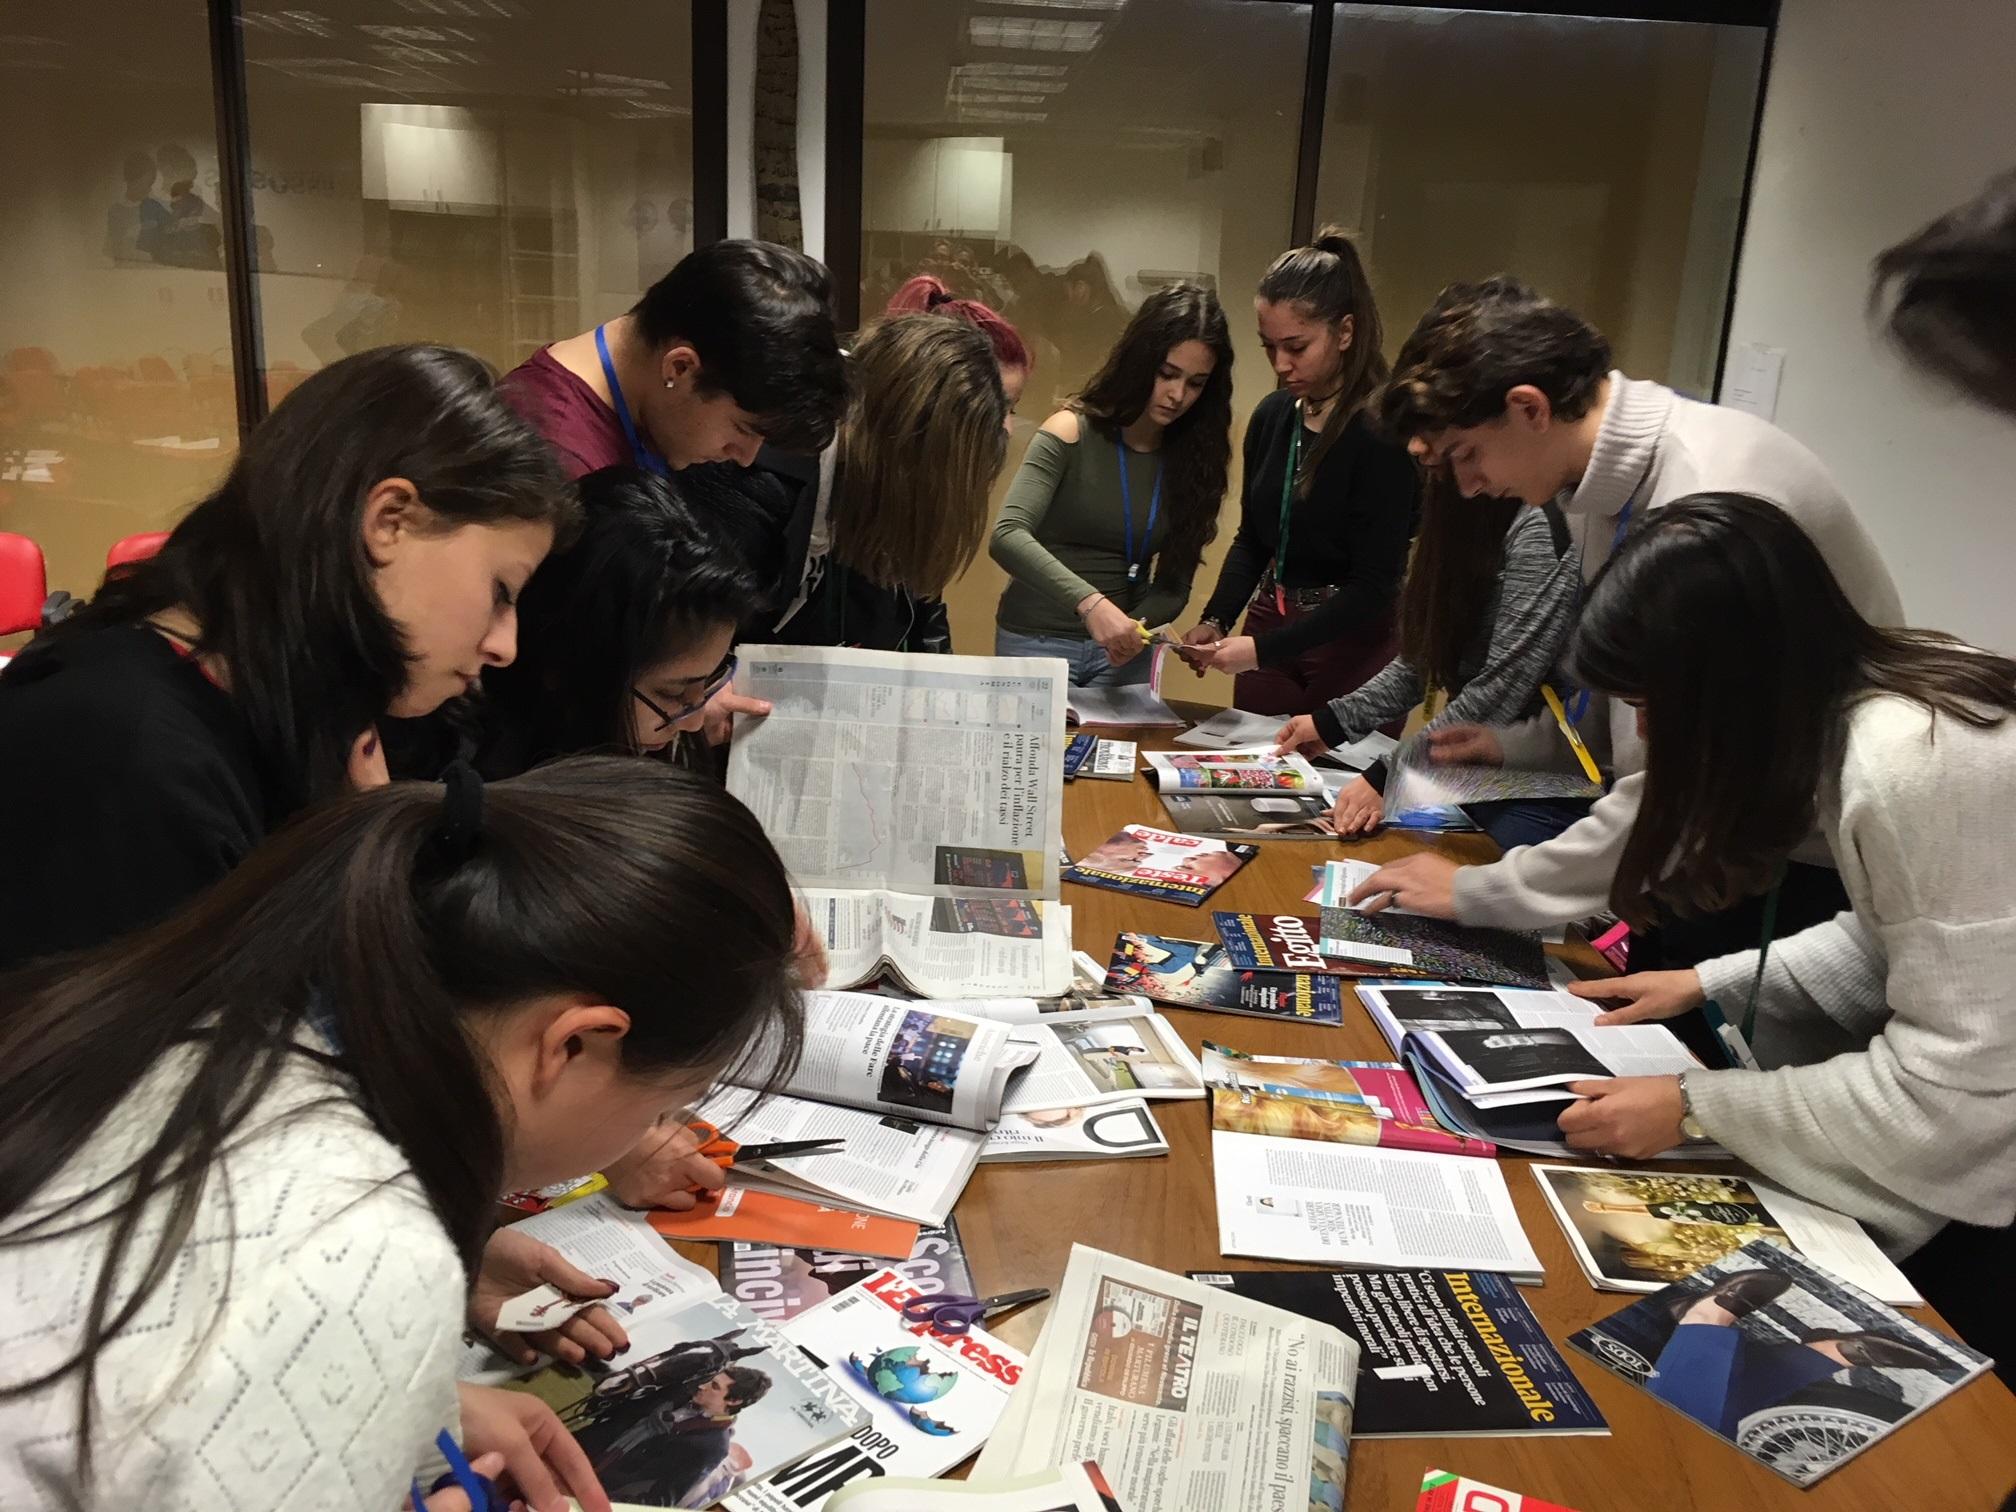 Studenti del liceo Franceso D'Assisi nella redazione di Piuculture durante il laboratorio Infomigranti per l'alternanza scuola lavoro